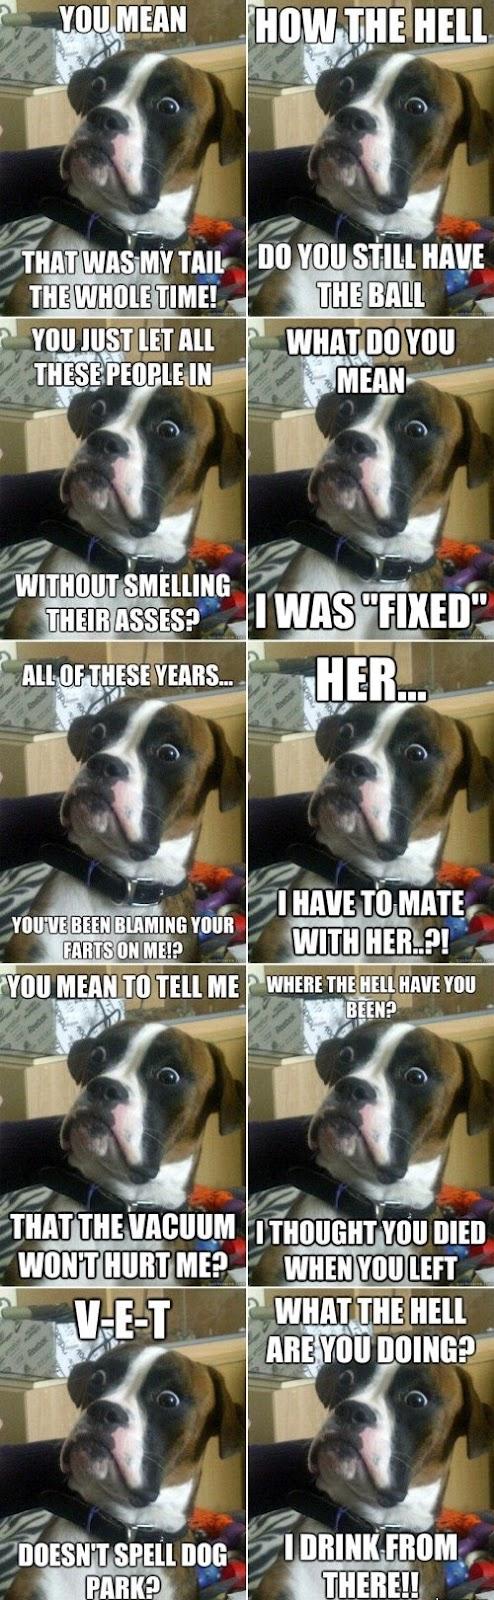 Fragen die sich ein überraschter Hund plötzlich stellt. Oder seinem Herrchen.